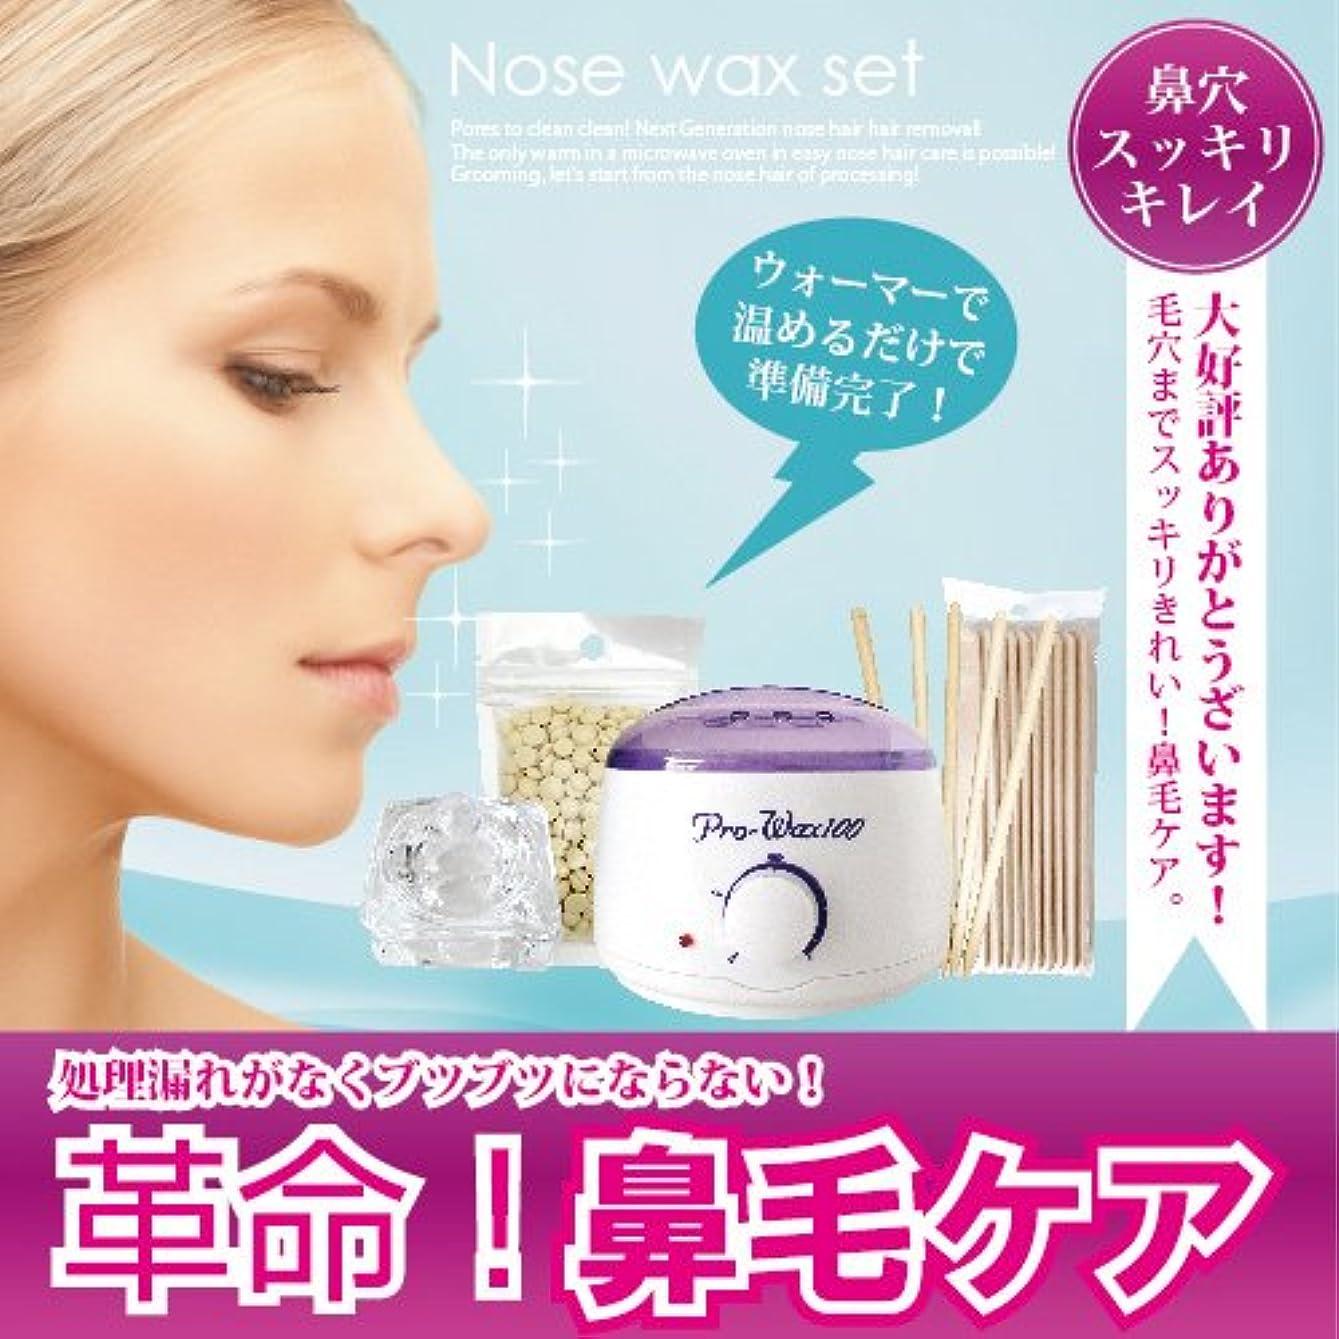 有能な北東意図するブラジリアンワックス Nose wax setウォーマー付ノーズワックス鼻毛ケアセット(約12回分)